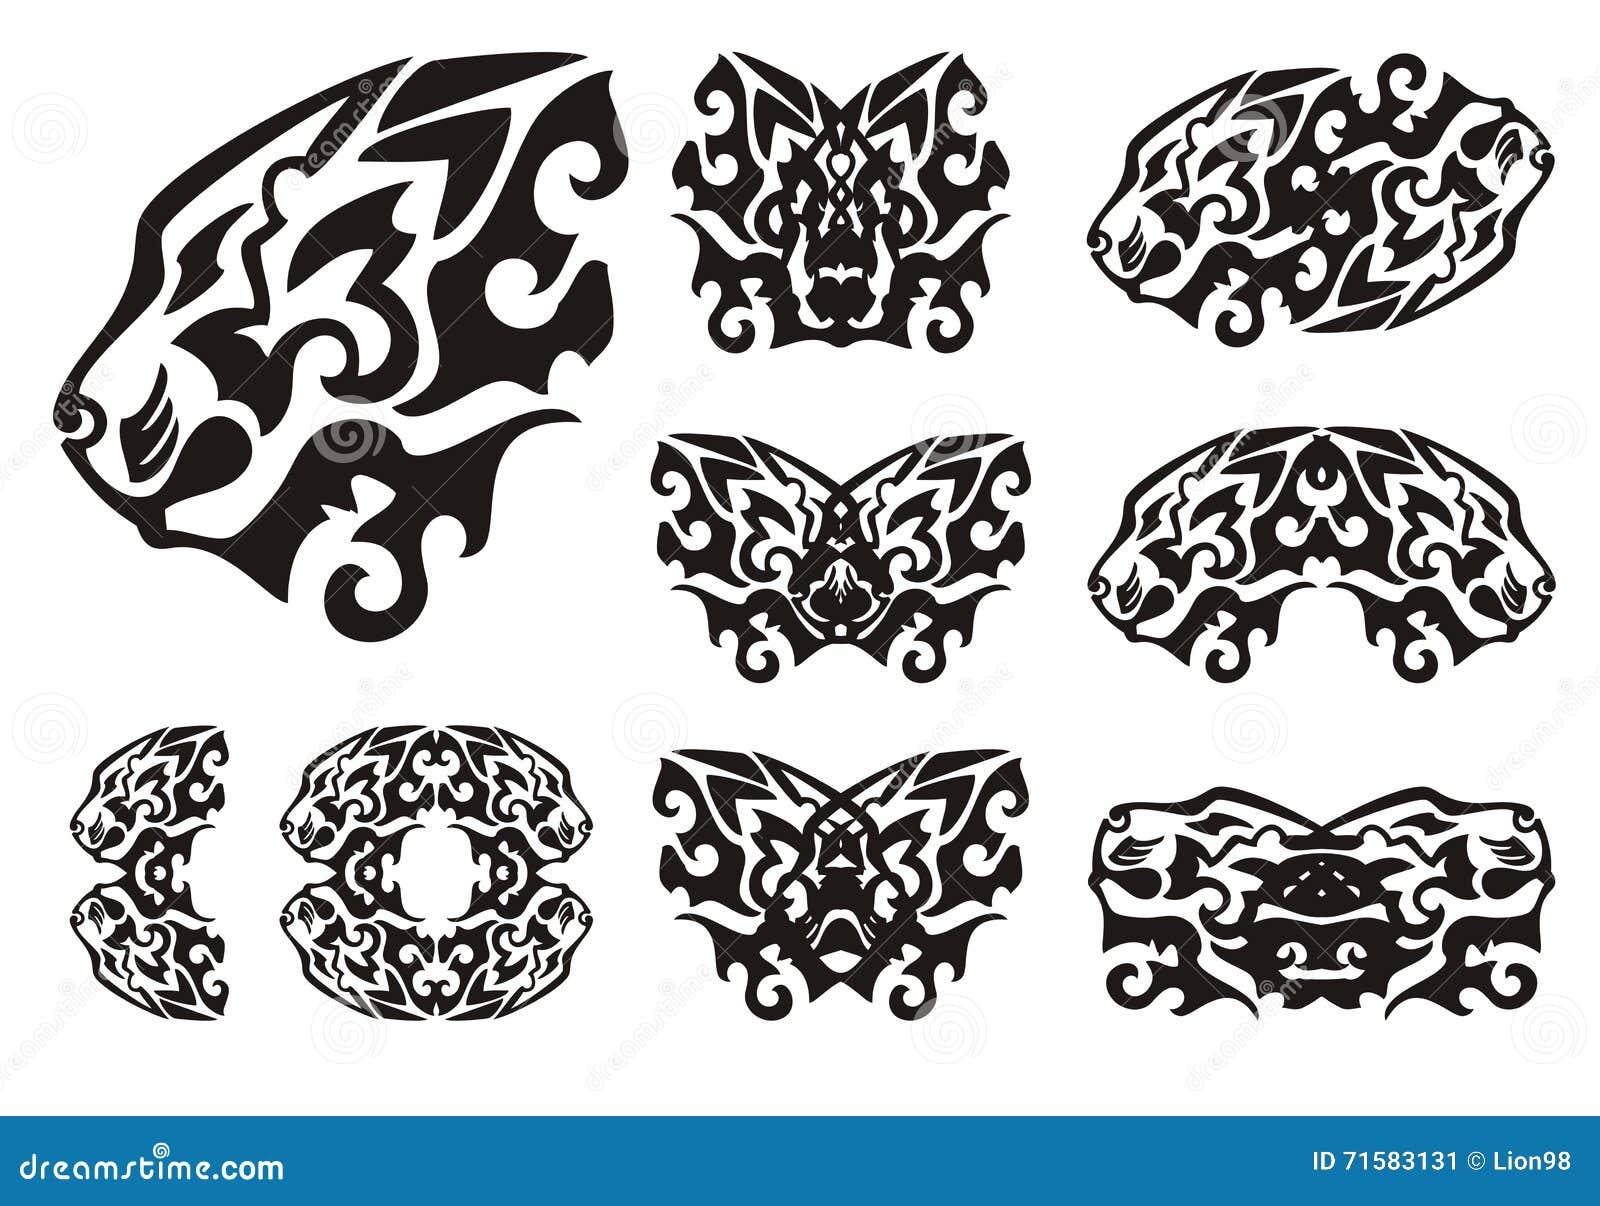 Símbolos Tribales De La Cabeza Del León Y Mariposas De Los Leones